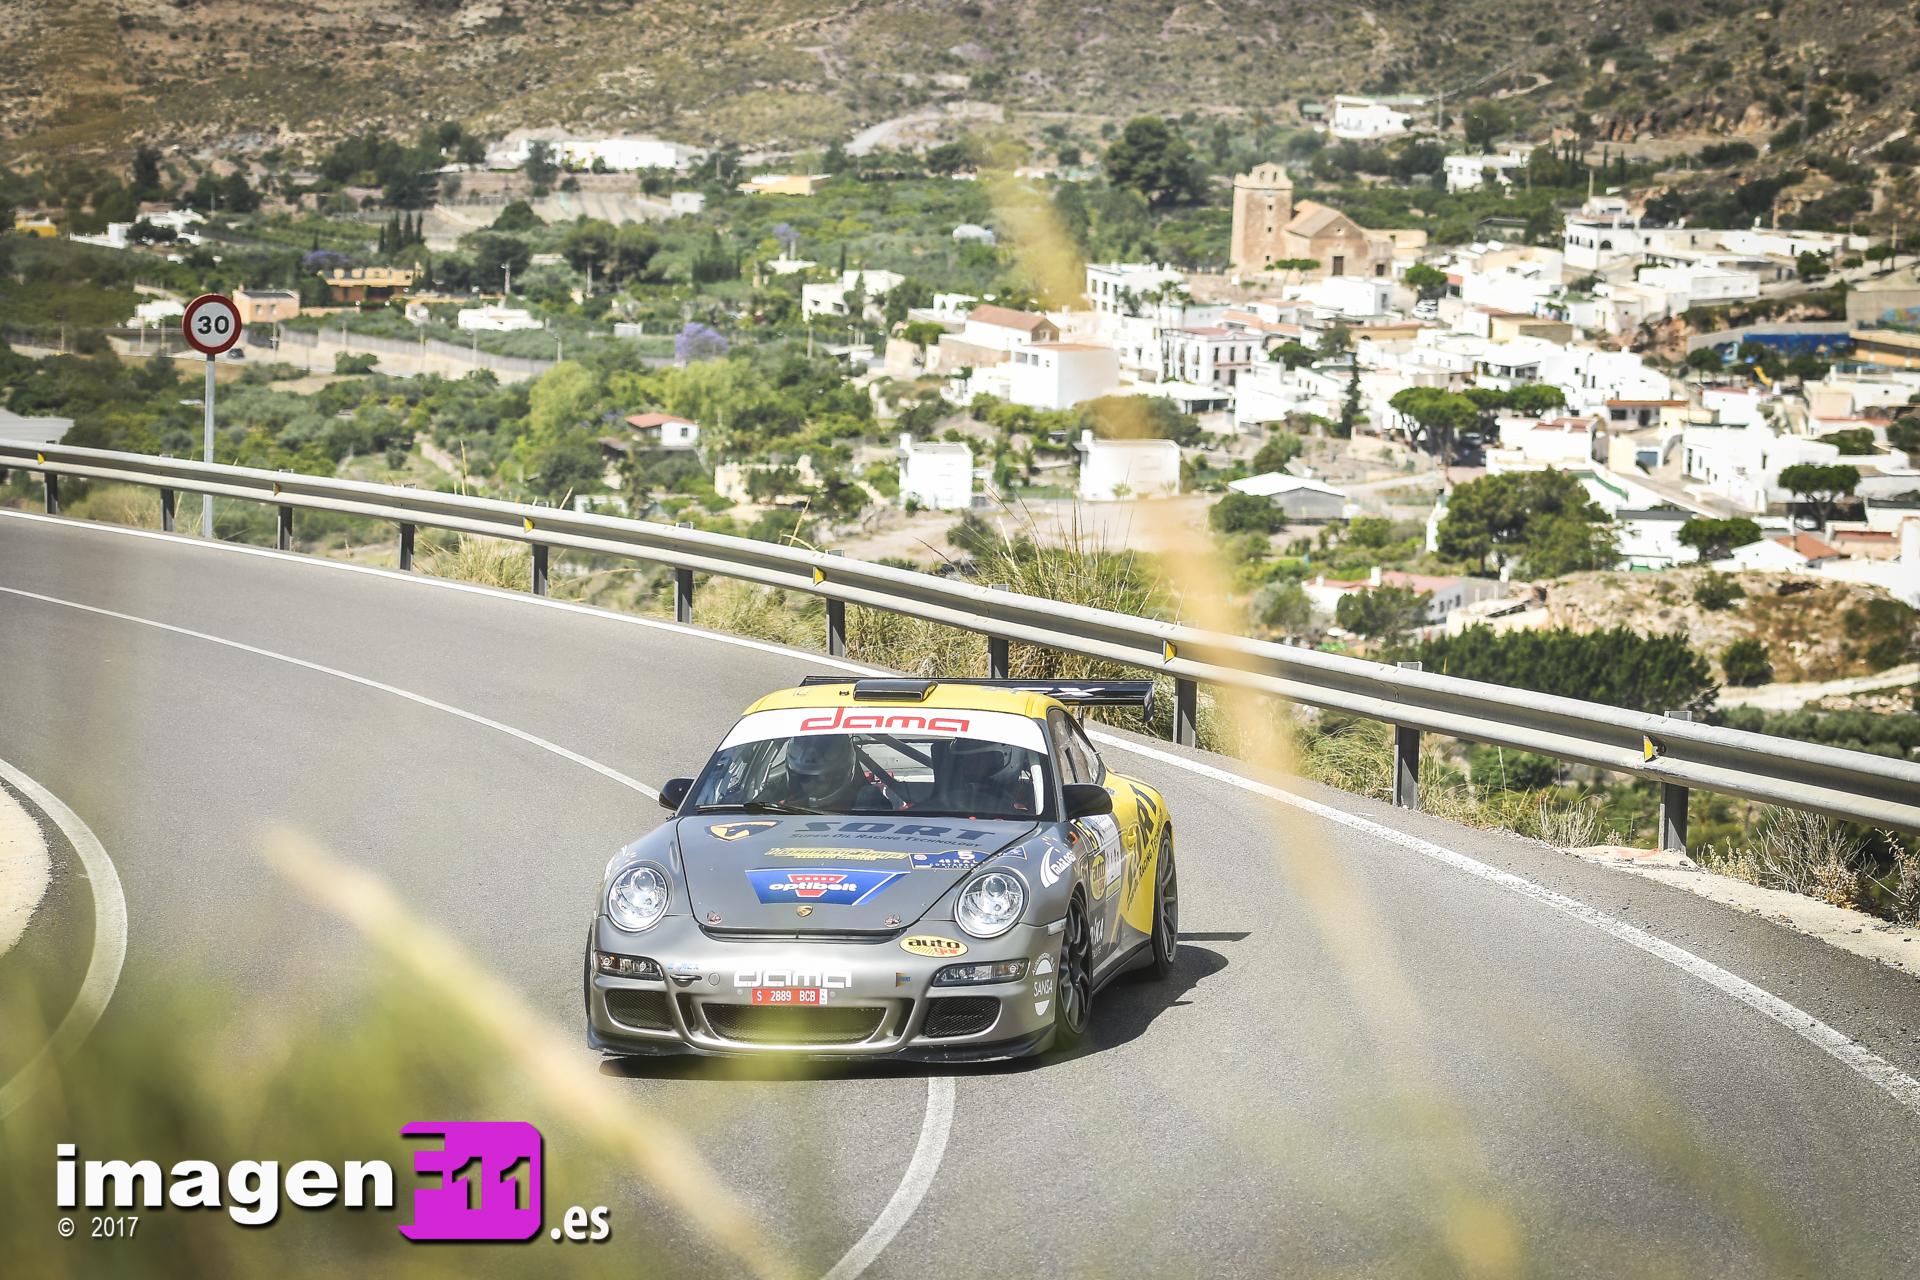 Manuel Maldonado, Porsche 911 GT3 Cup, Vícar, Rally Costa de Almería